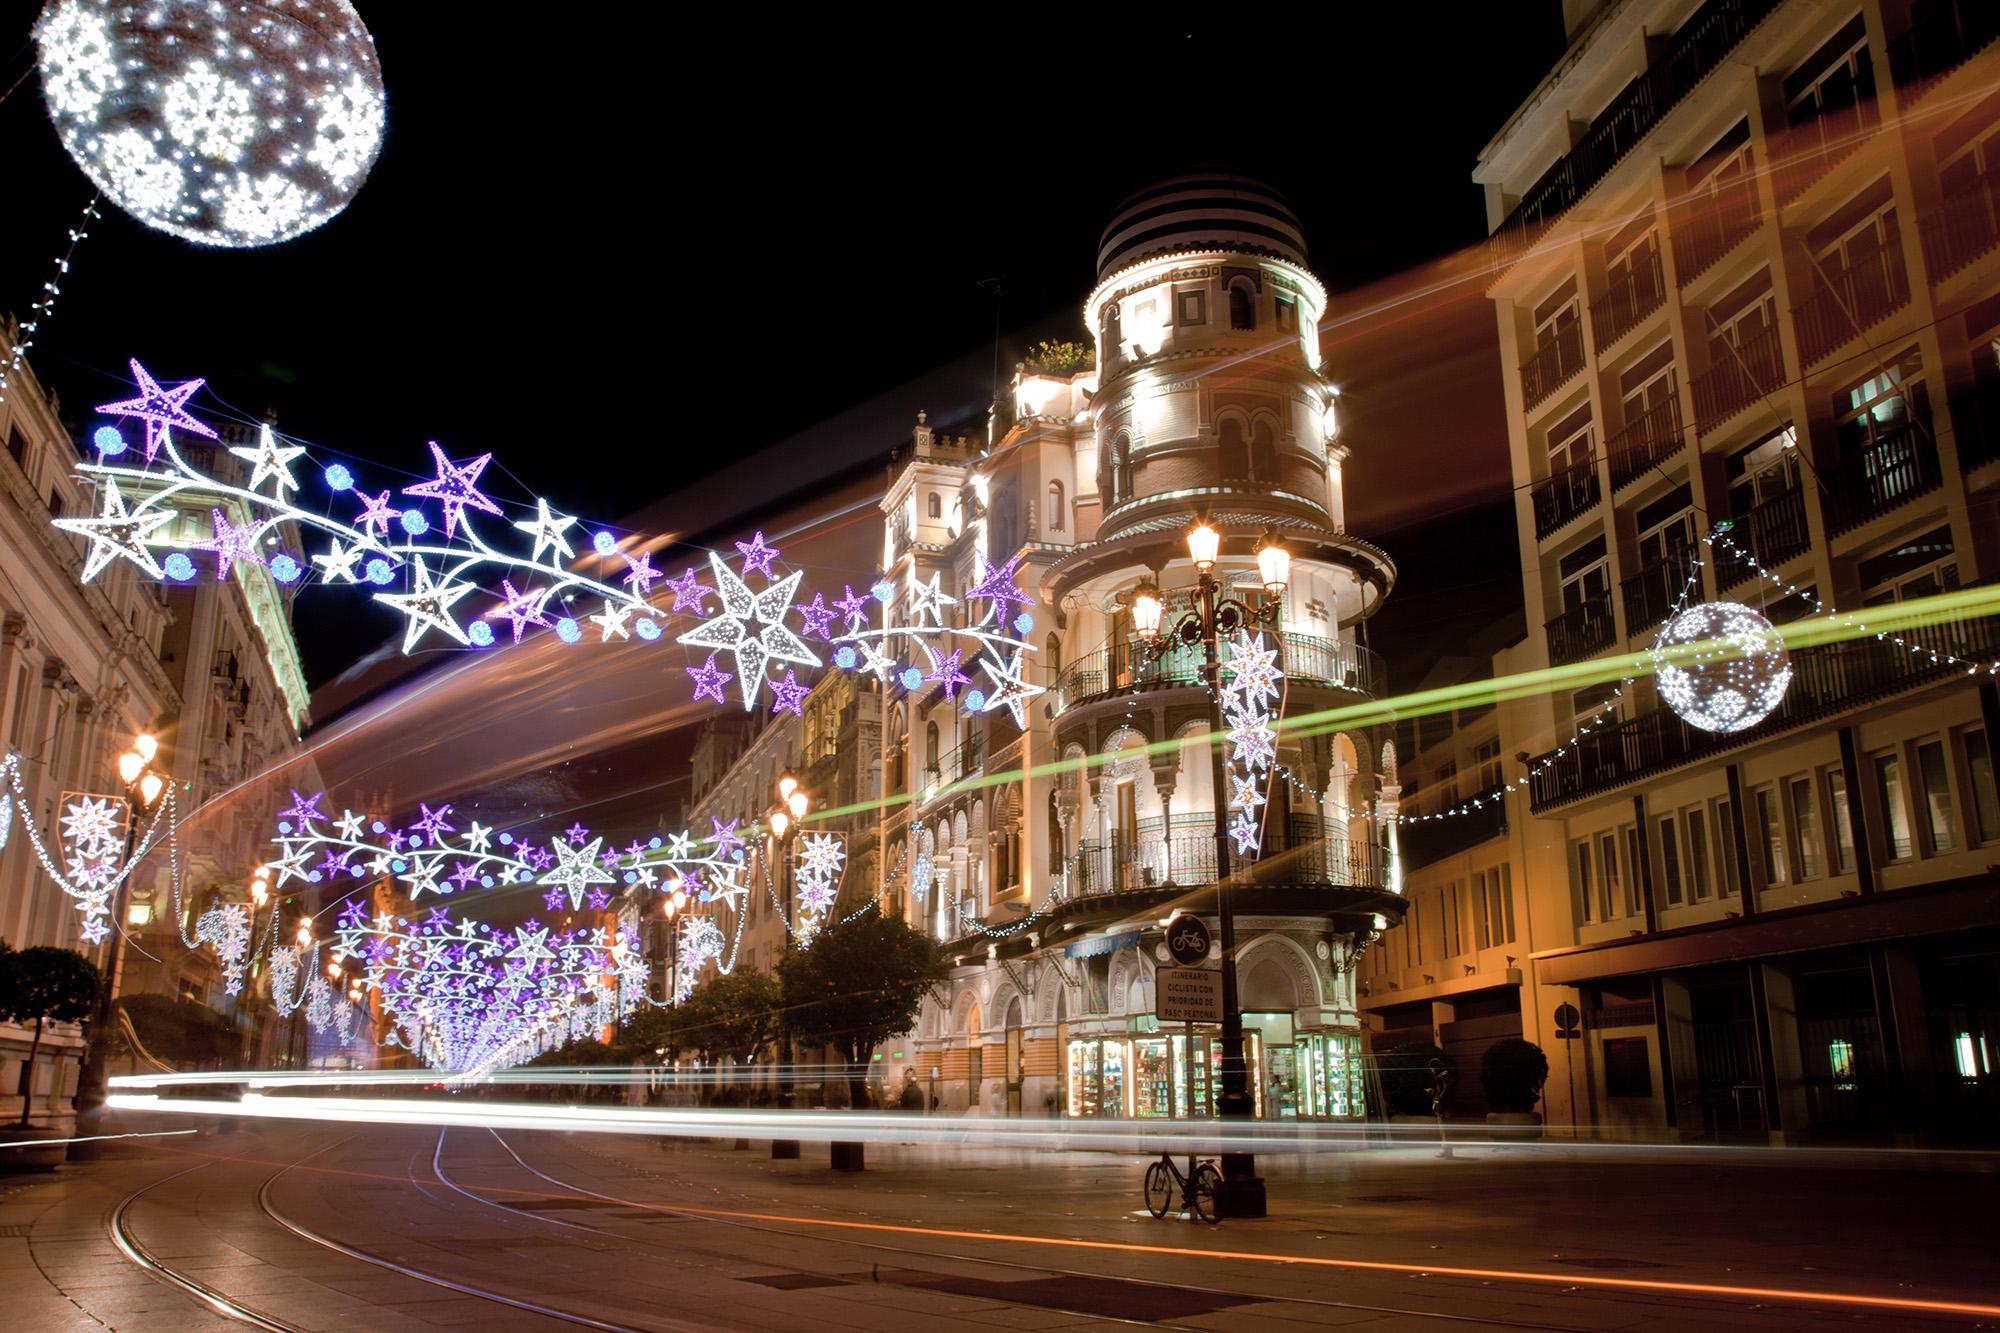 Iluminaciones navideñas que merecen una escapada